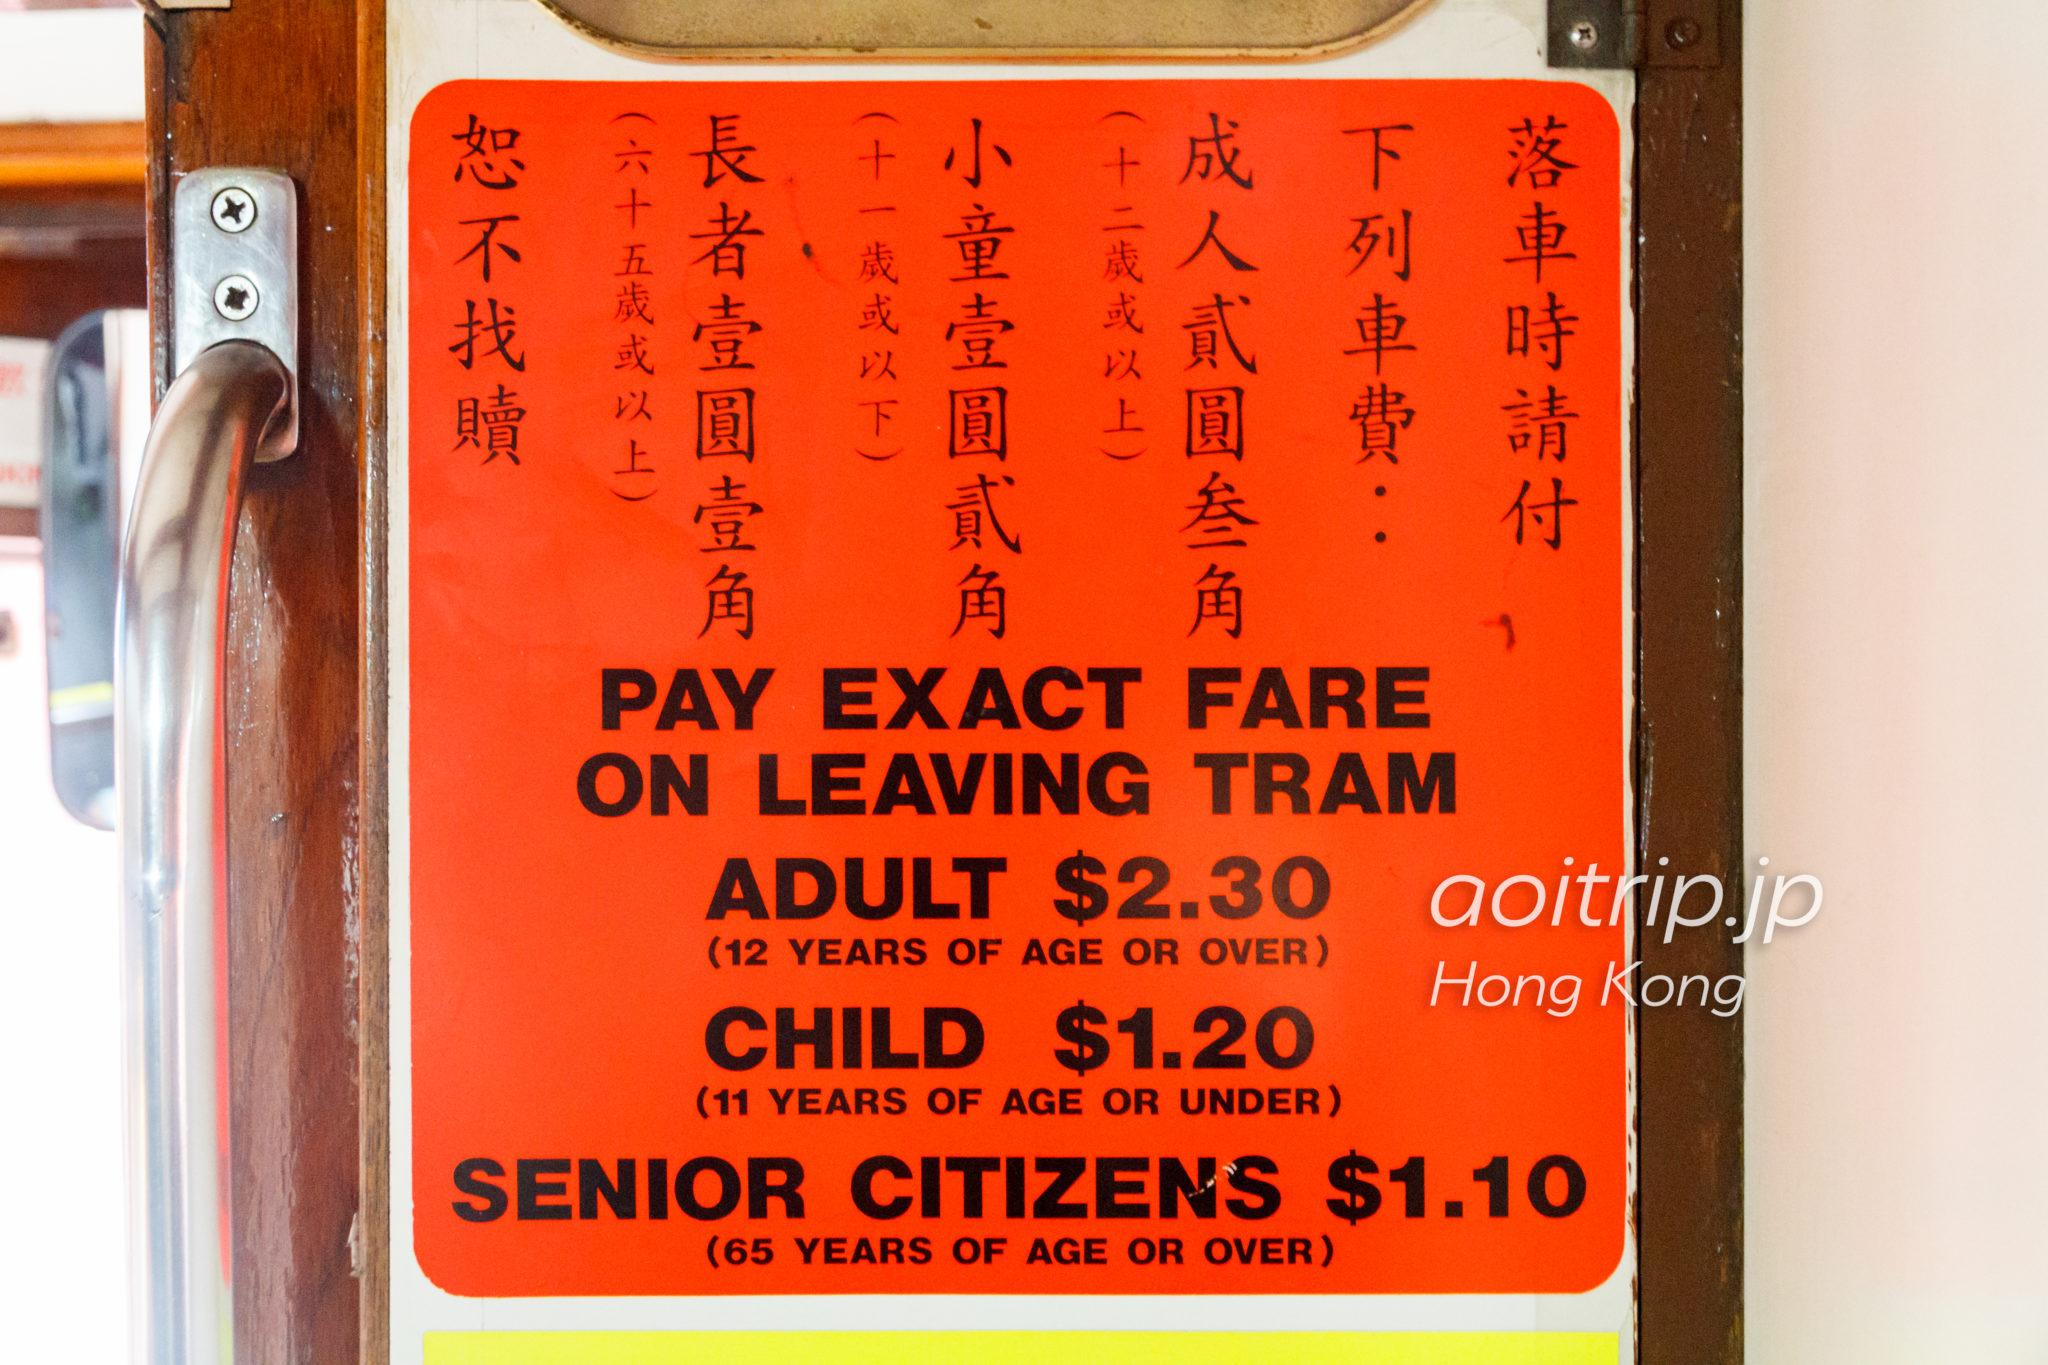 香港トラムの料金(運賃表)